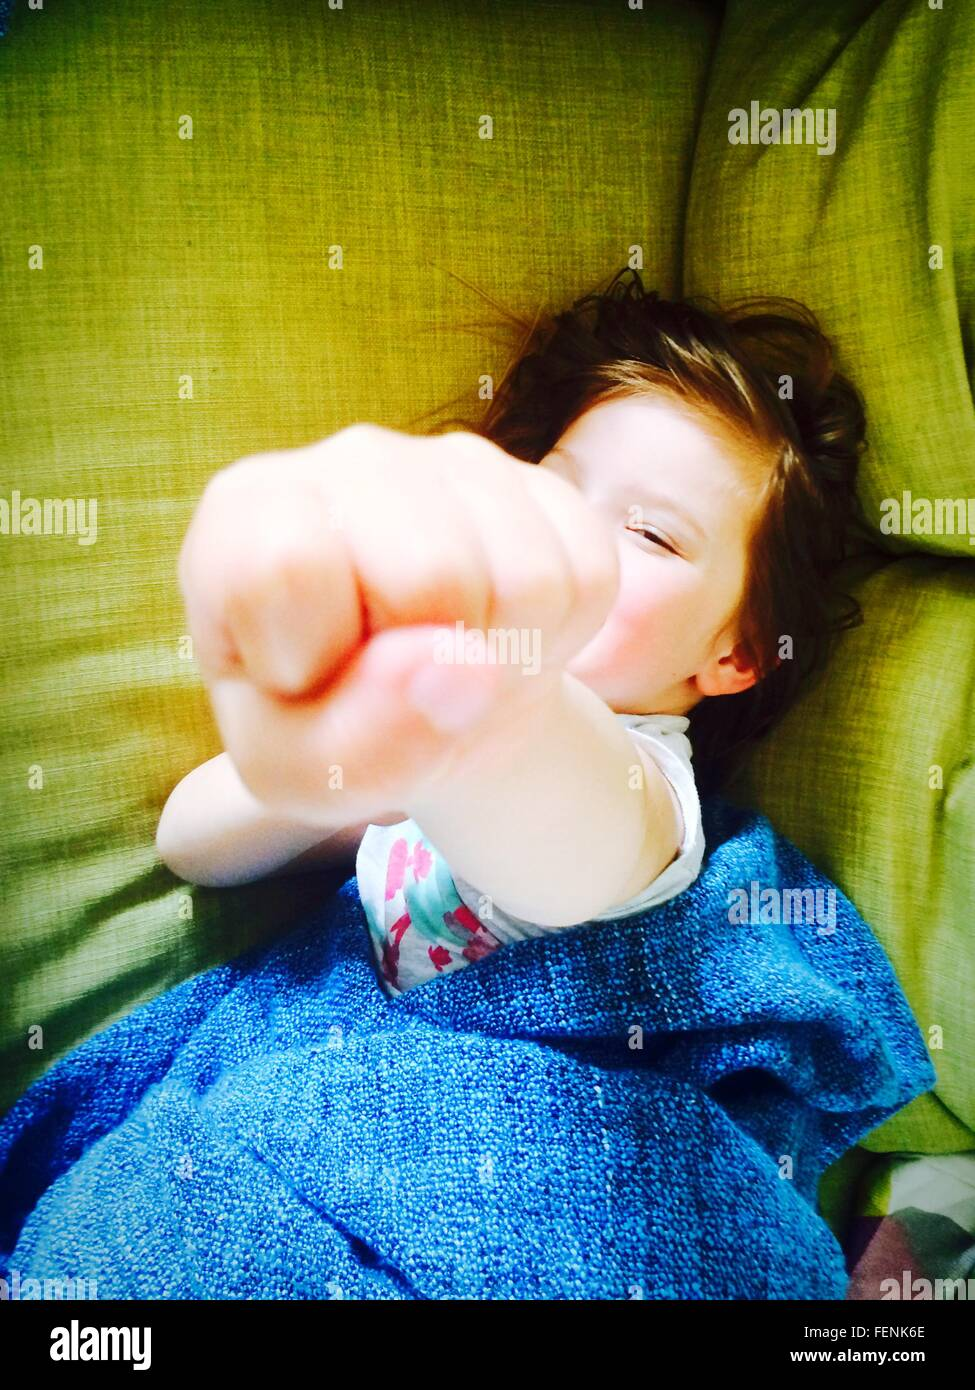 Retrato de Chica mostrando el puño mientras se relaja en la cama Imagen De Stock